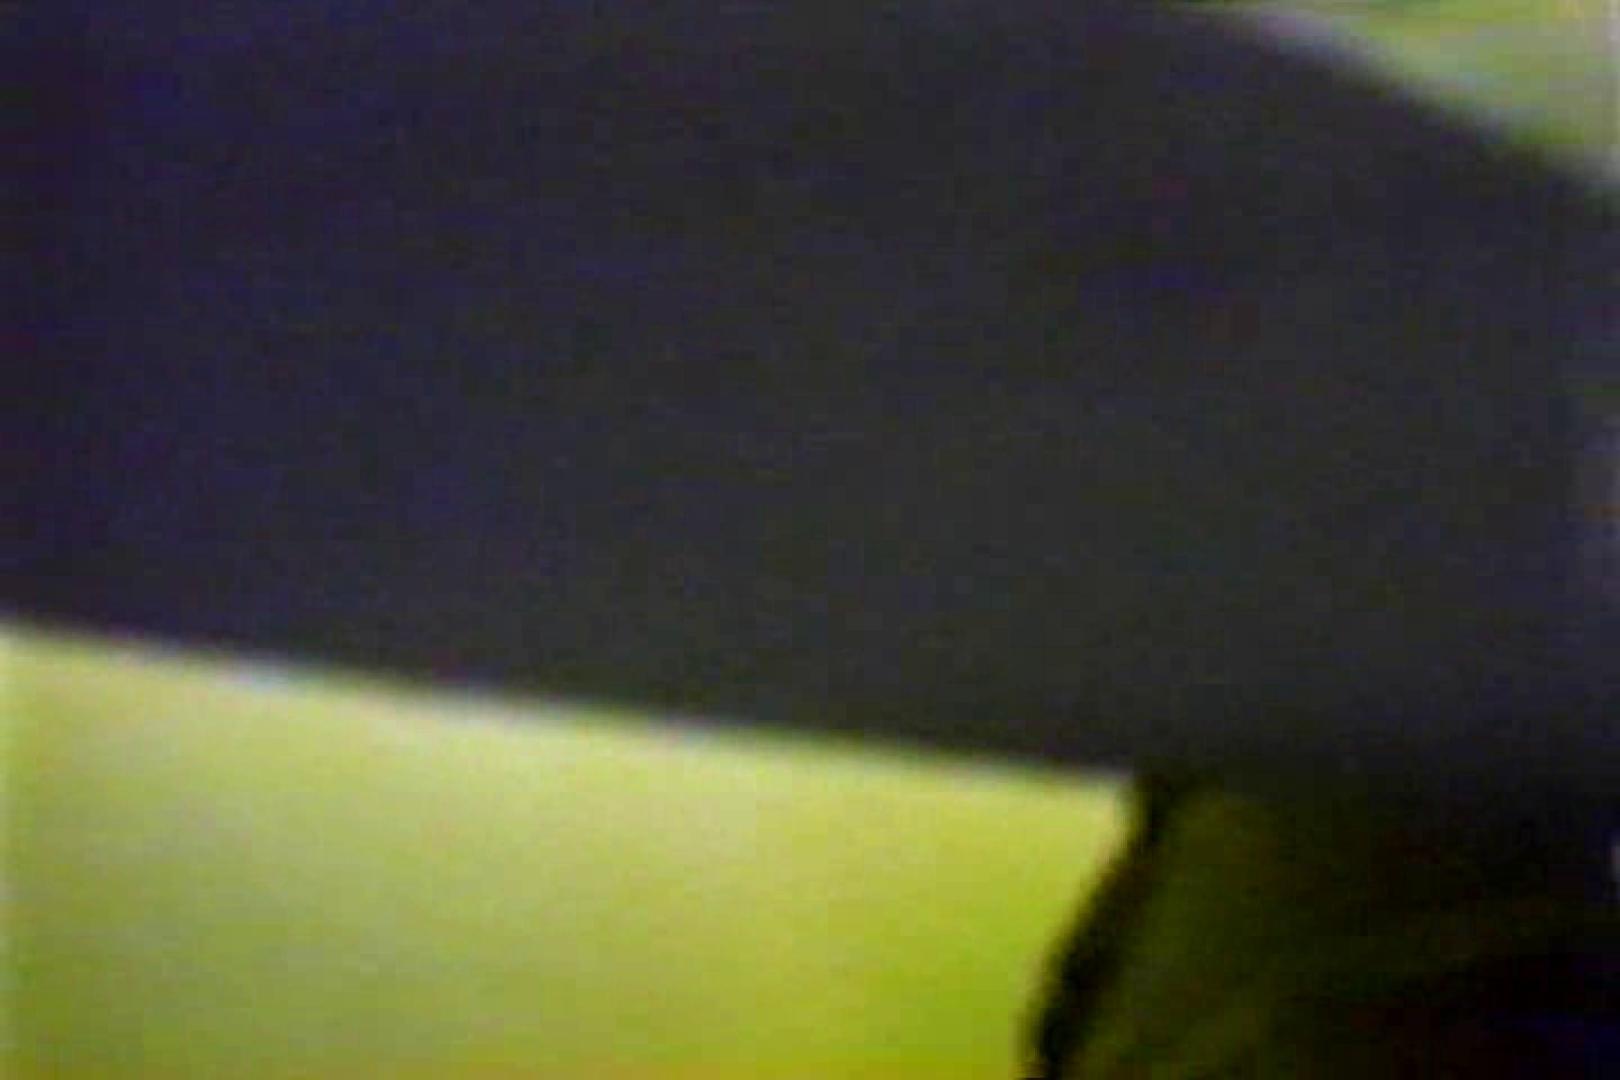 個室狂いのマニア映像Vol.1 おまんこ無修正 | 洗面所はめどり  95画像 70